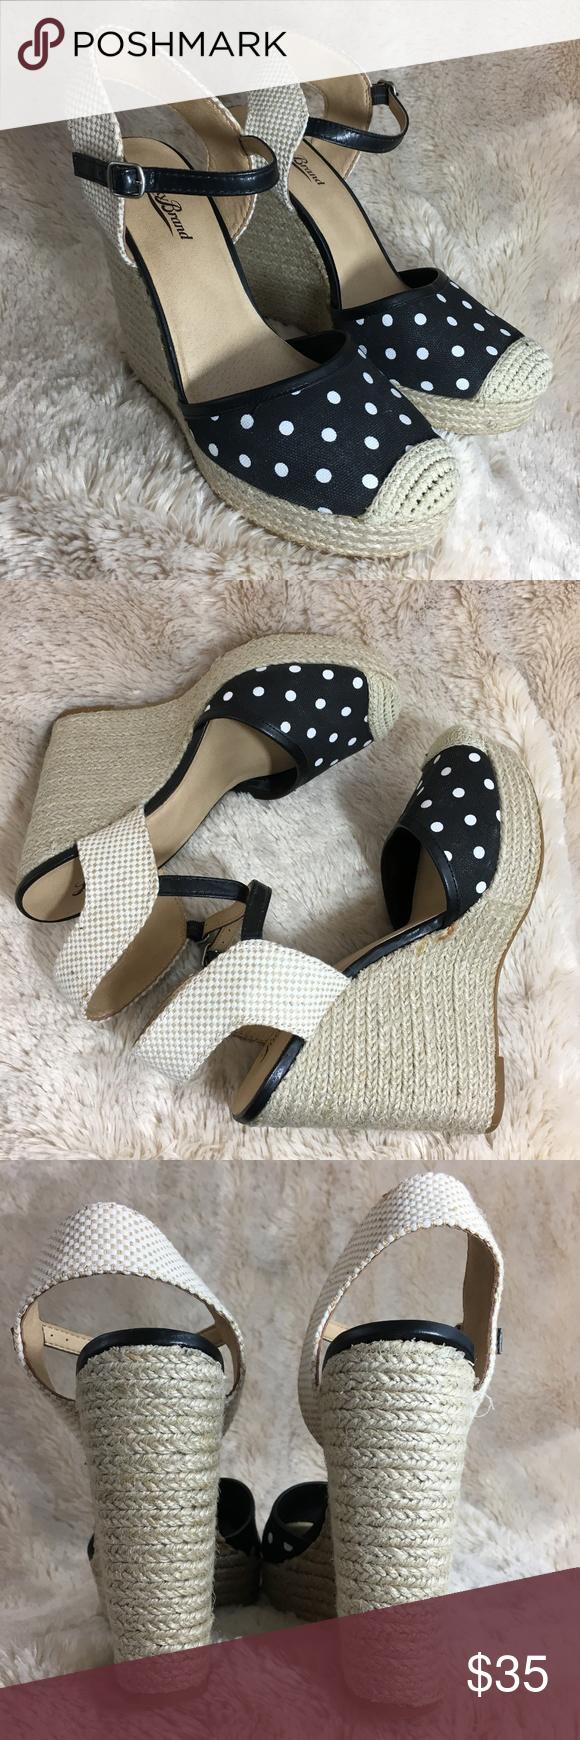 8356c0507d6 Lucky Brand Reandra Polka Dot Espadrille Wedges Lucky Brand LK-Reandra  Espadrille Wedge Sandals in